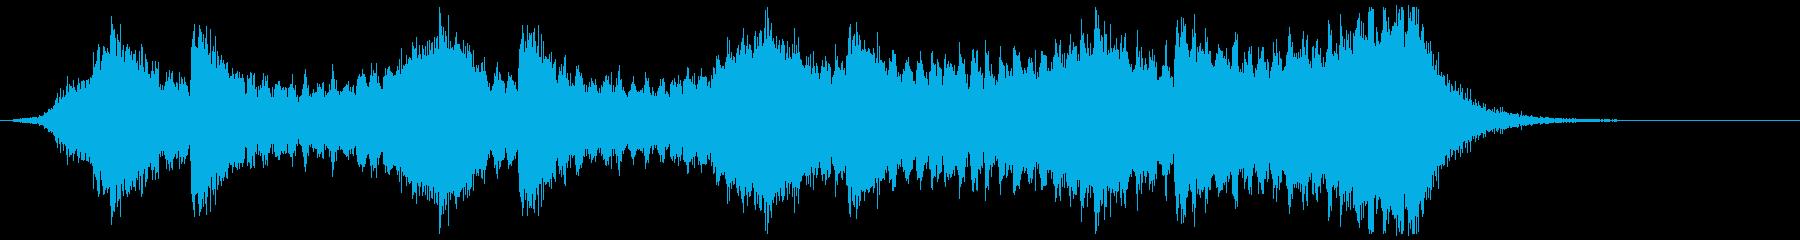 エピックなオーケストラ 分割07の再生済みの波形